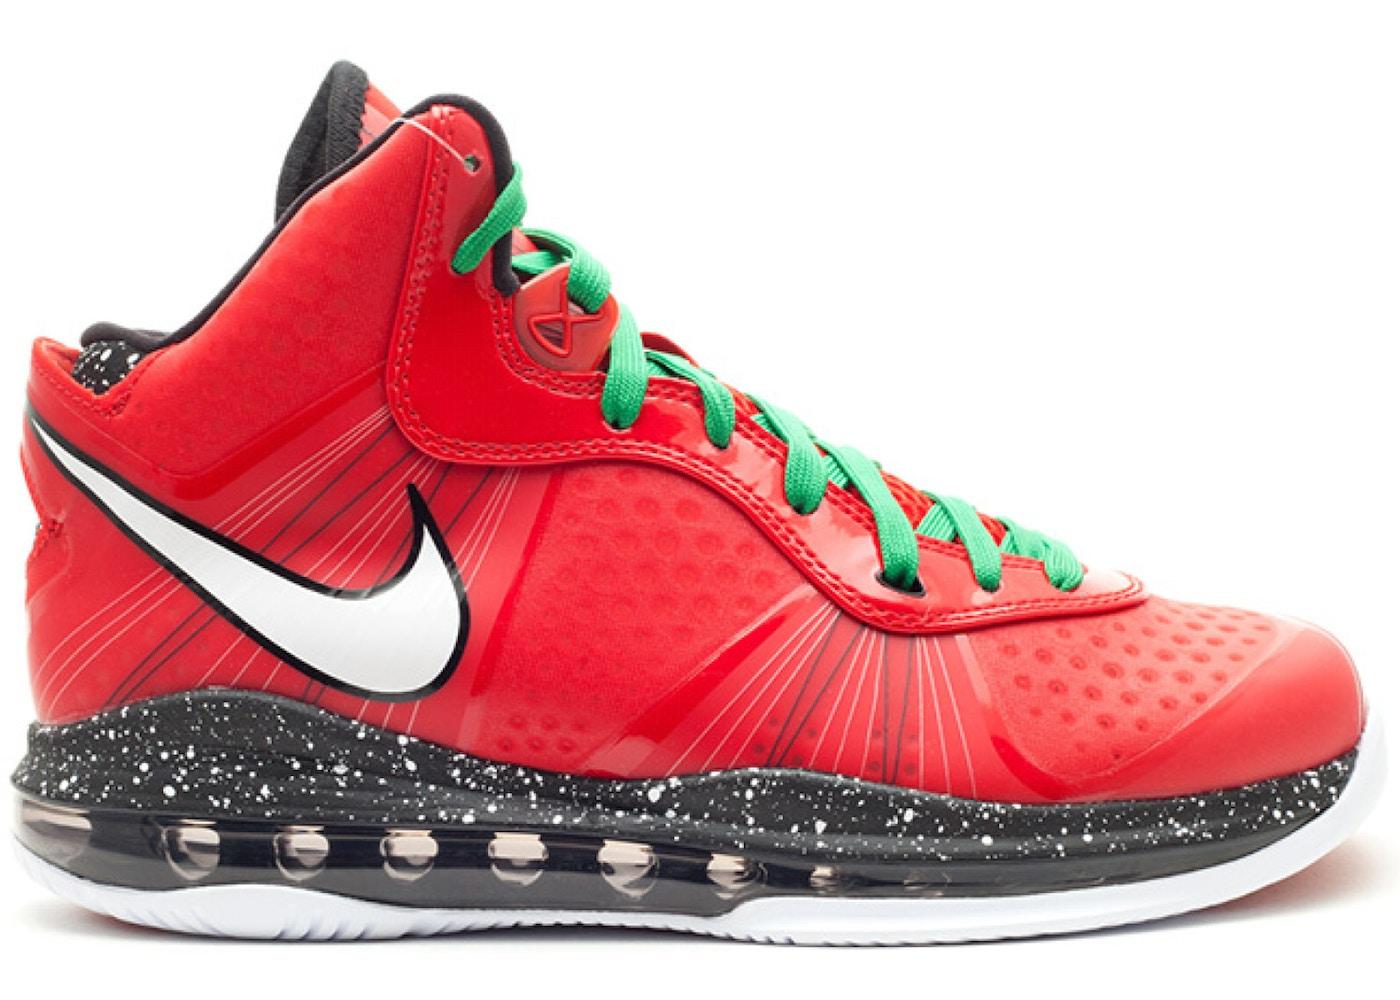 2ffe1d112bb6 Buy Nike LeBron 8 Shoes   Deadstock Sneakers